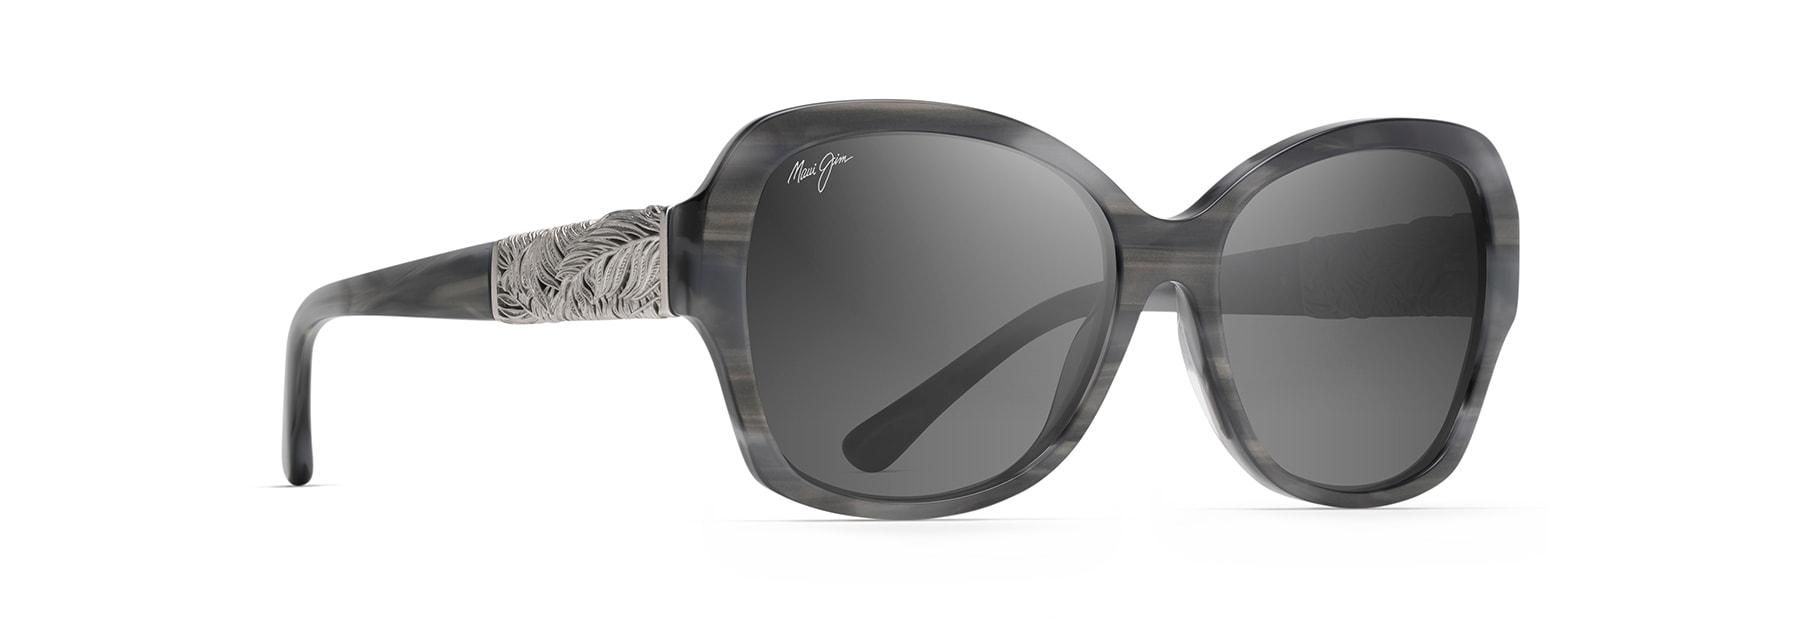 Sonnenbrille Palms Black Black